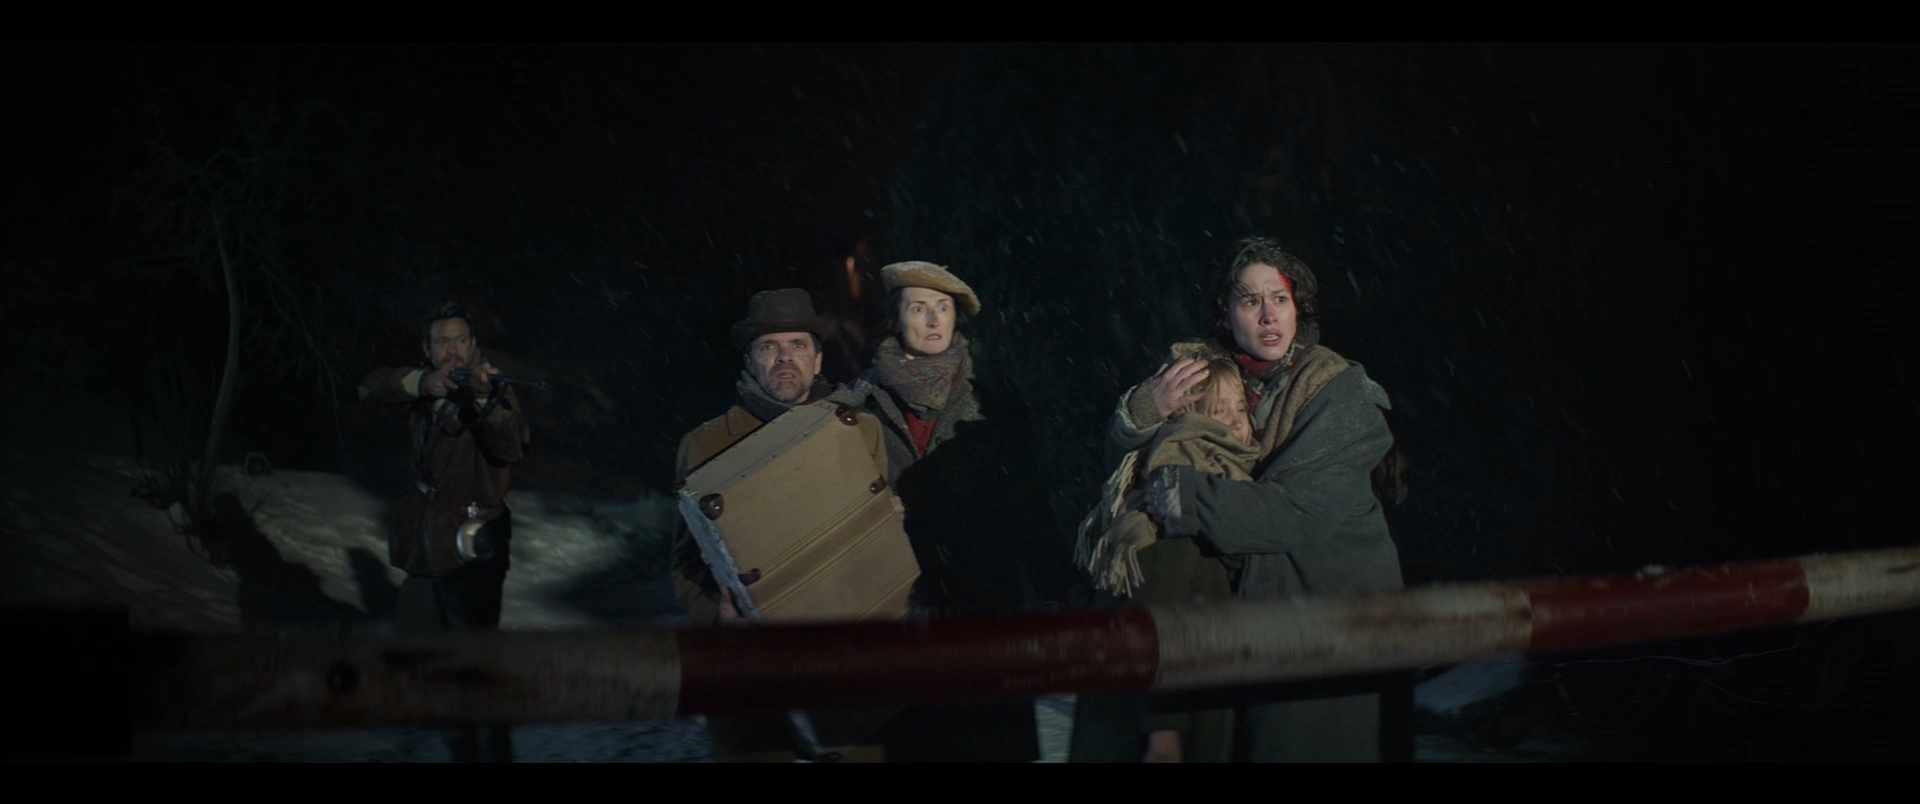 Aida Folch, en el paper de la fugitiva Maria, a punt de tastar el gust de la traïció: atenció a Isak Férriz, al fons.